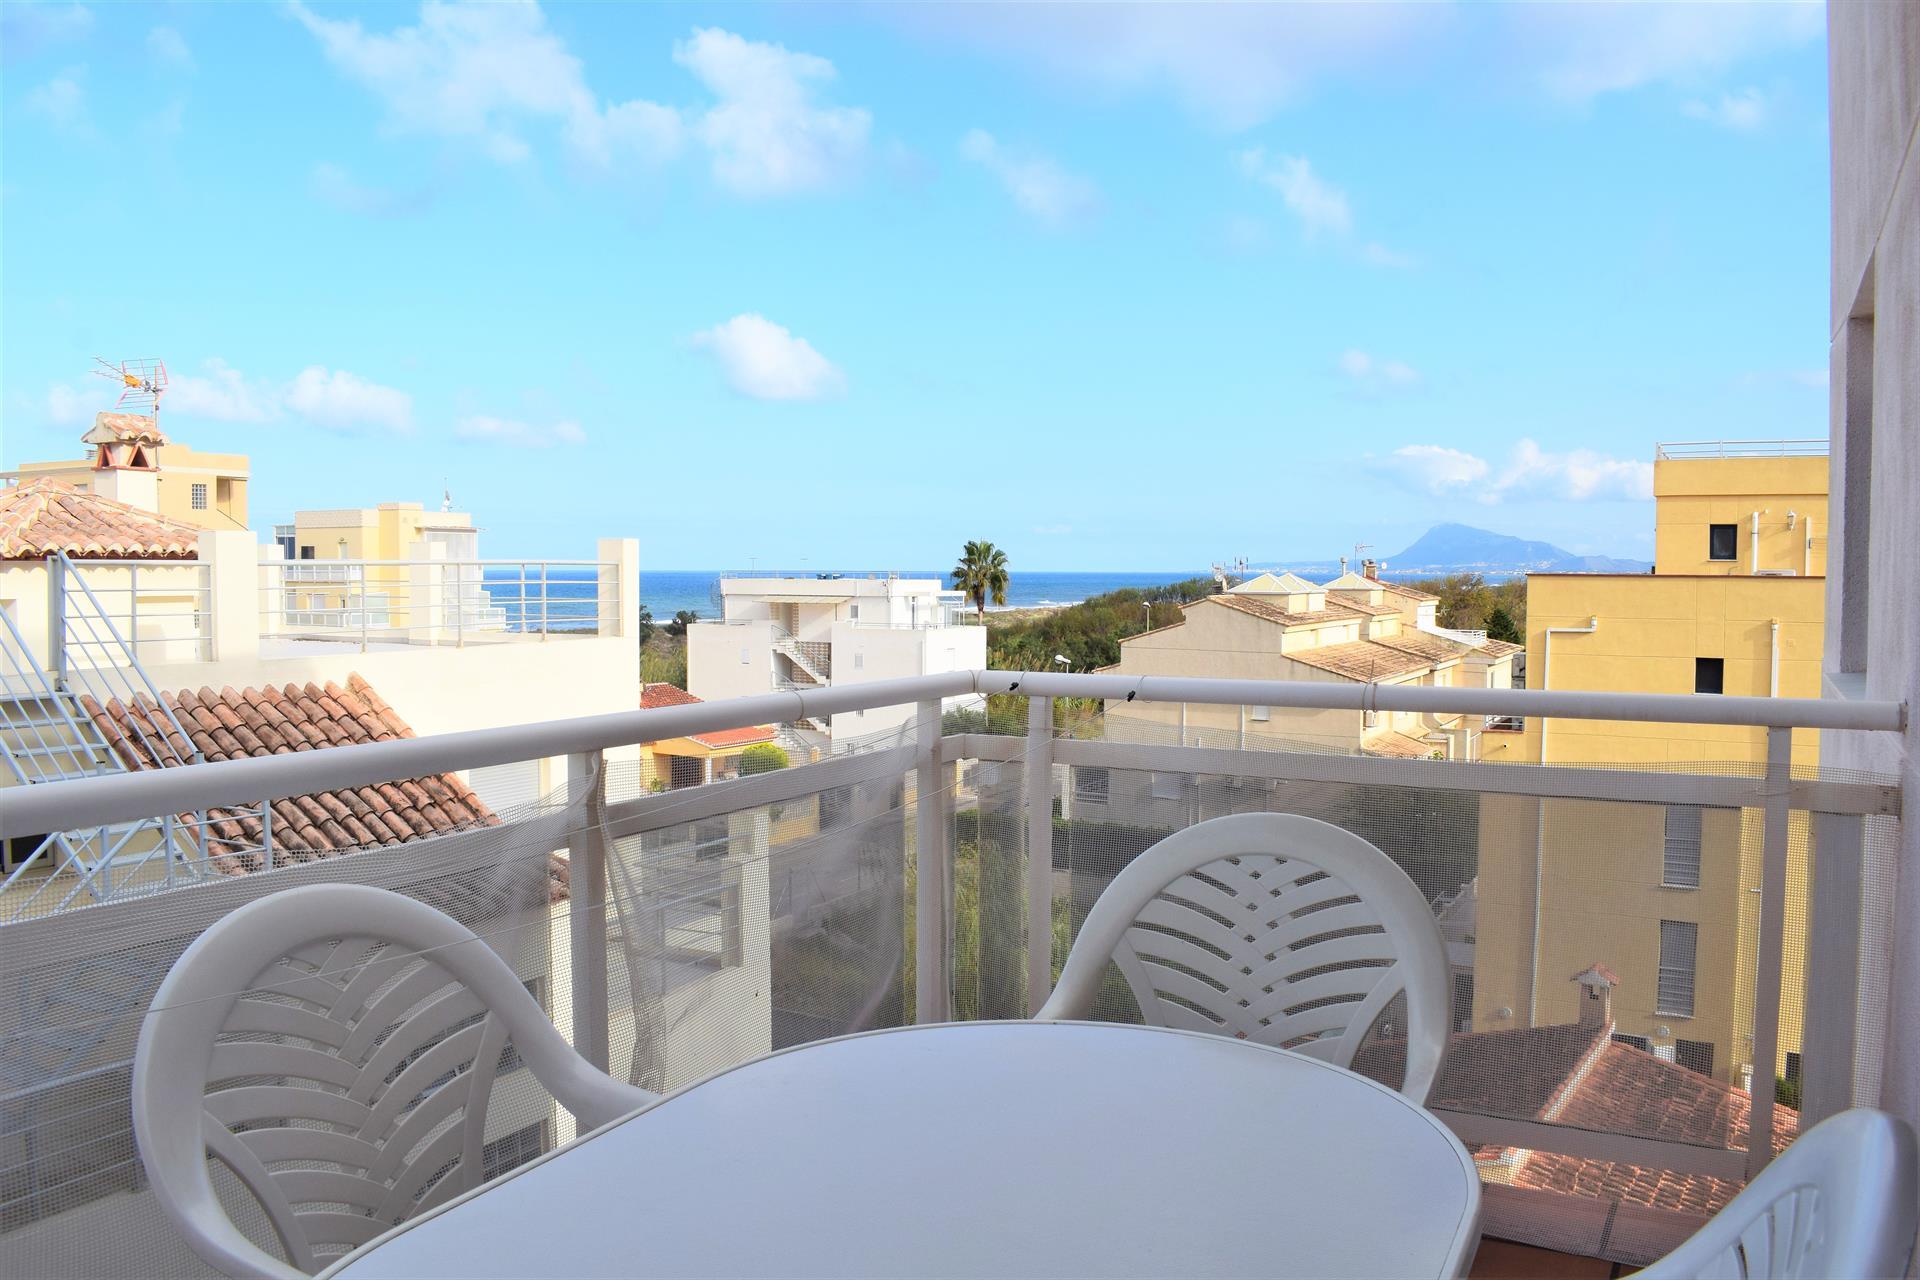 AP348 Sector 5 illa de Gerba,Schöne und komfortable Ferienwohnung  mit Gemeinschaftspool in Oliva, an der Costa Blanca, Spanien für 4 Personen.....